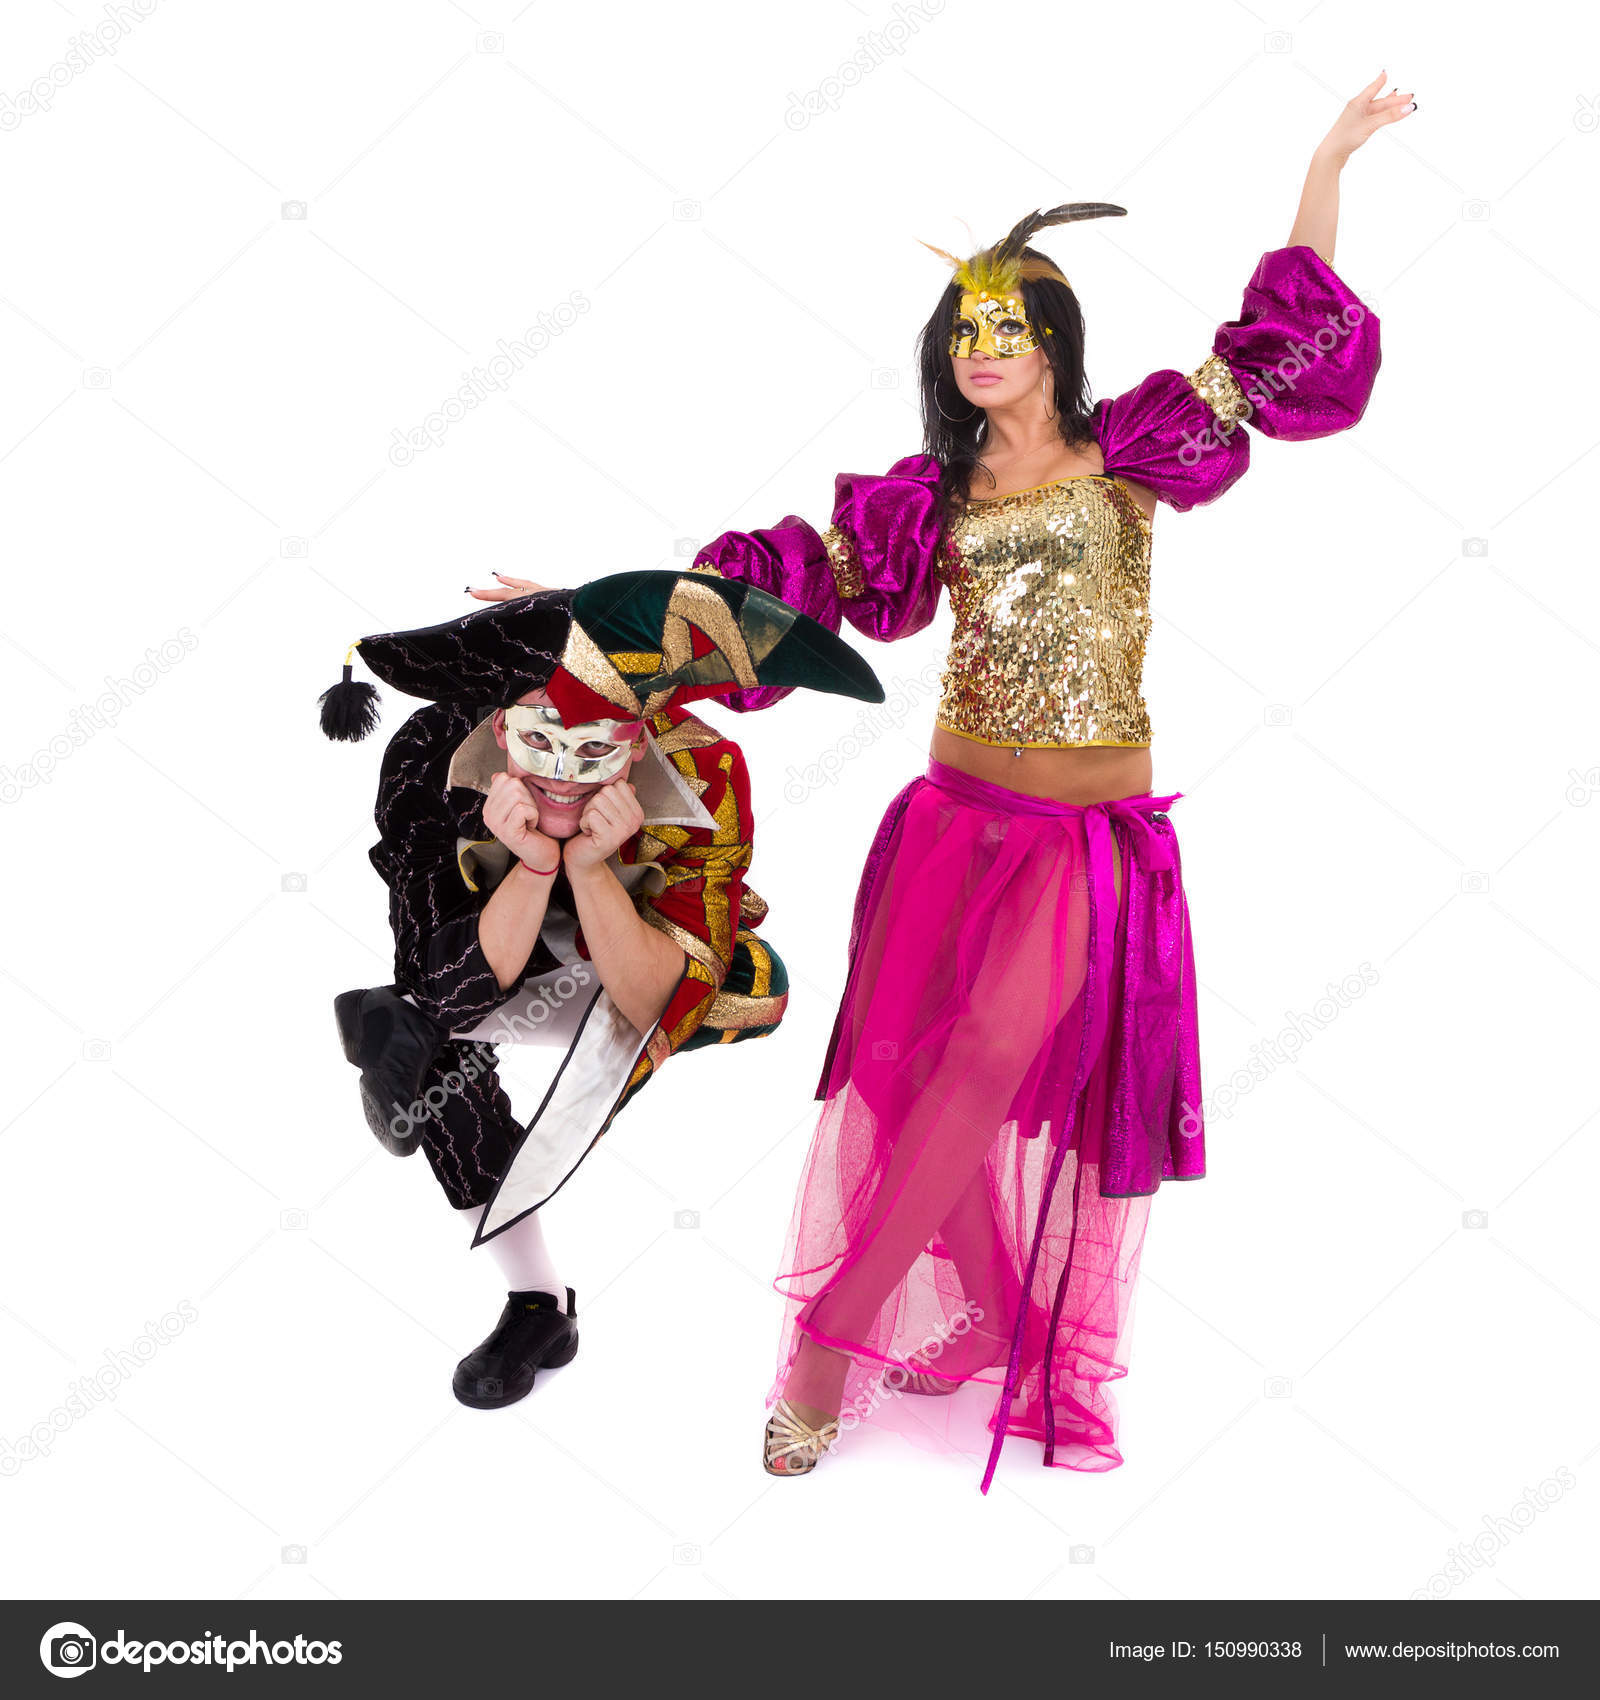 bailarines del carnaval de equipo un baile de máscara, aislados en ...